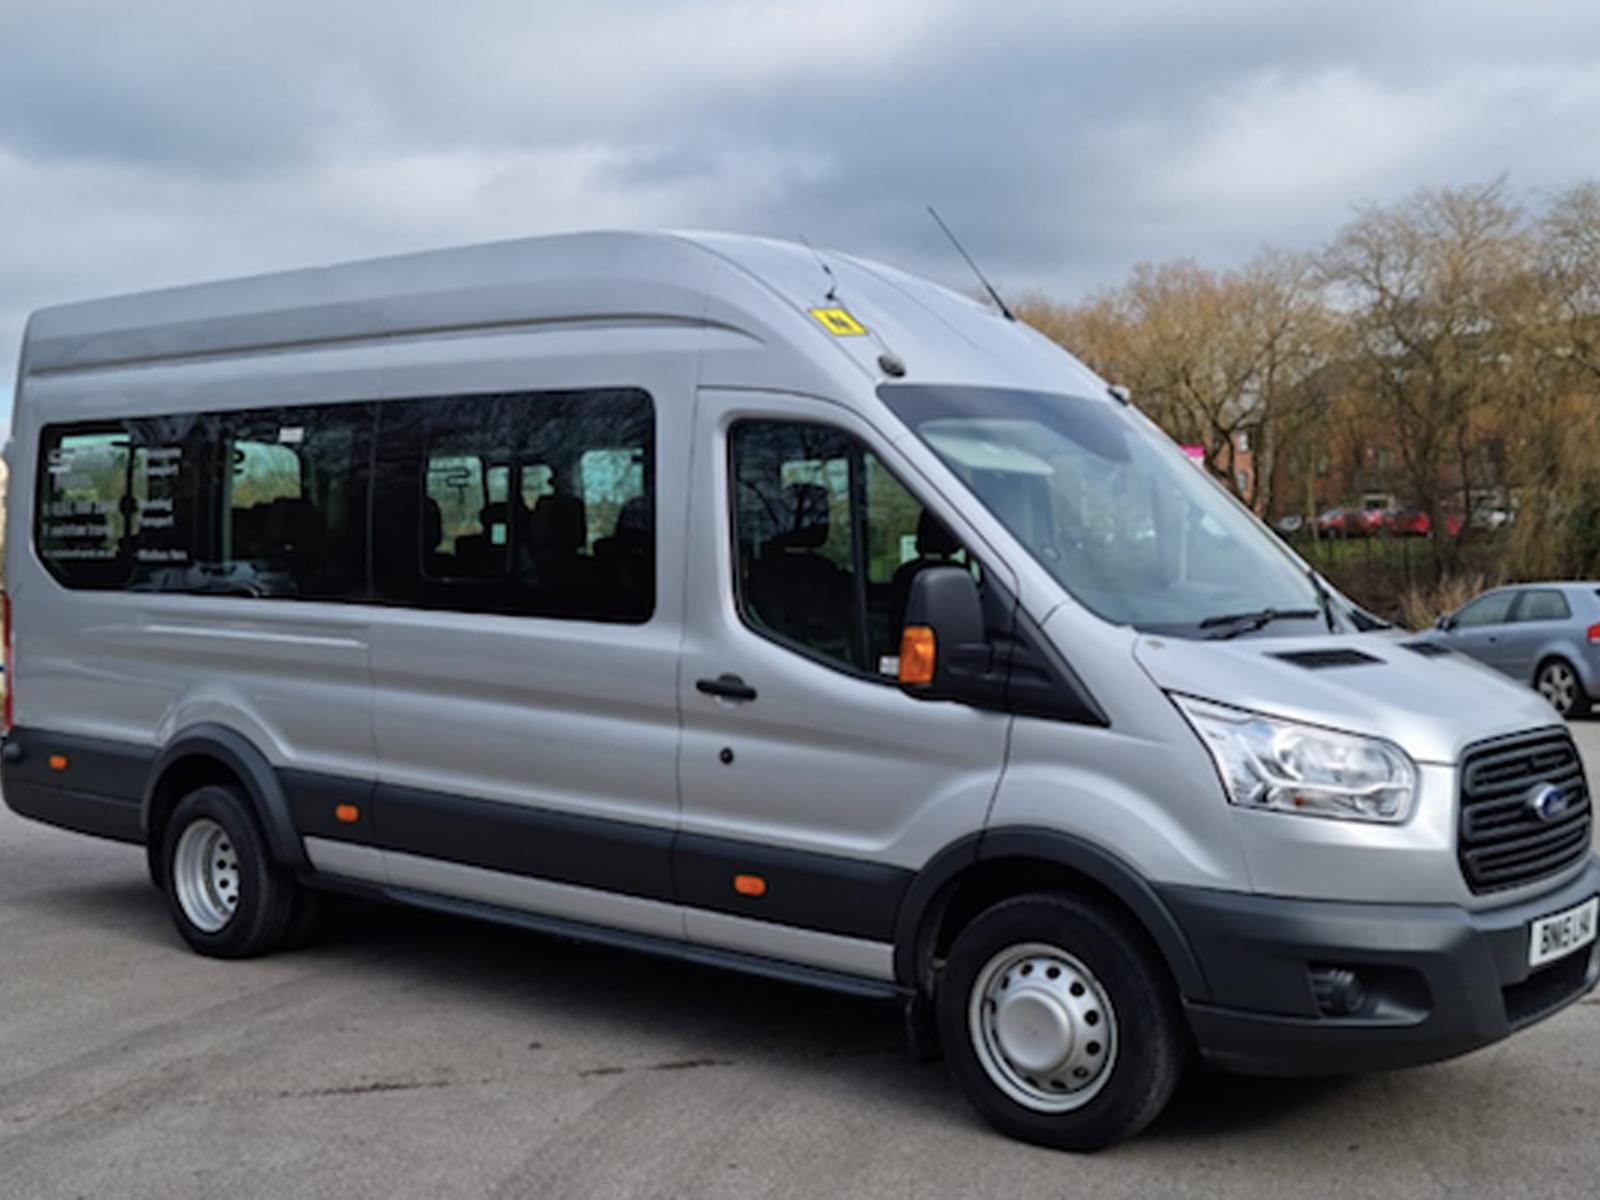 Executive Minibus - Minibus Hire Manchester